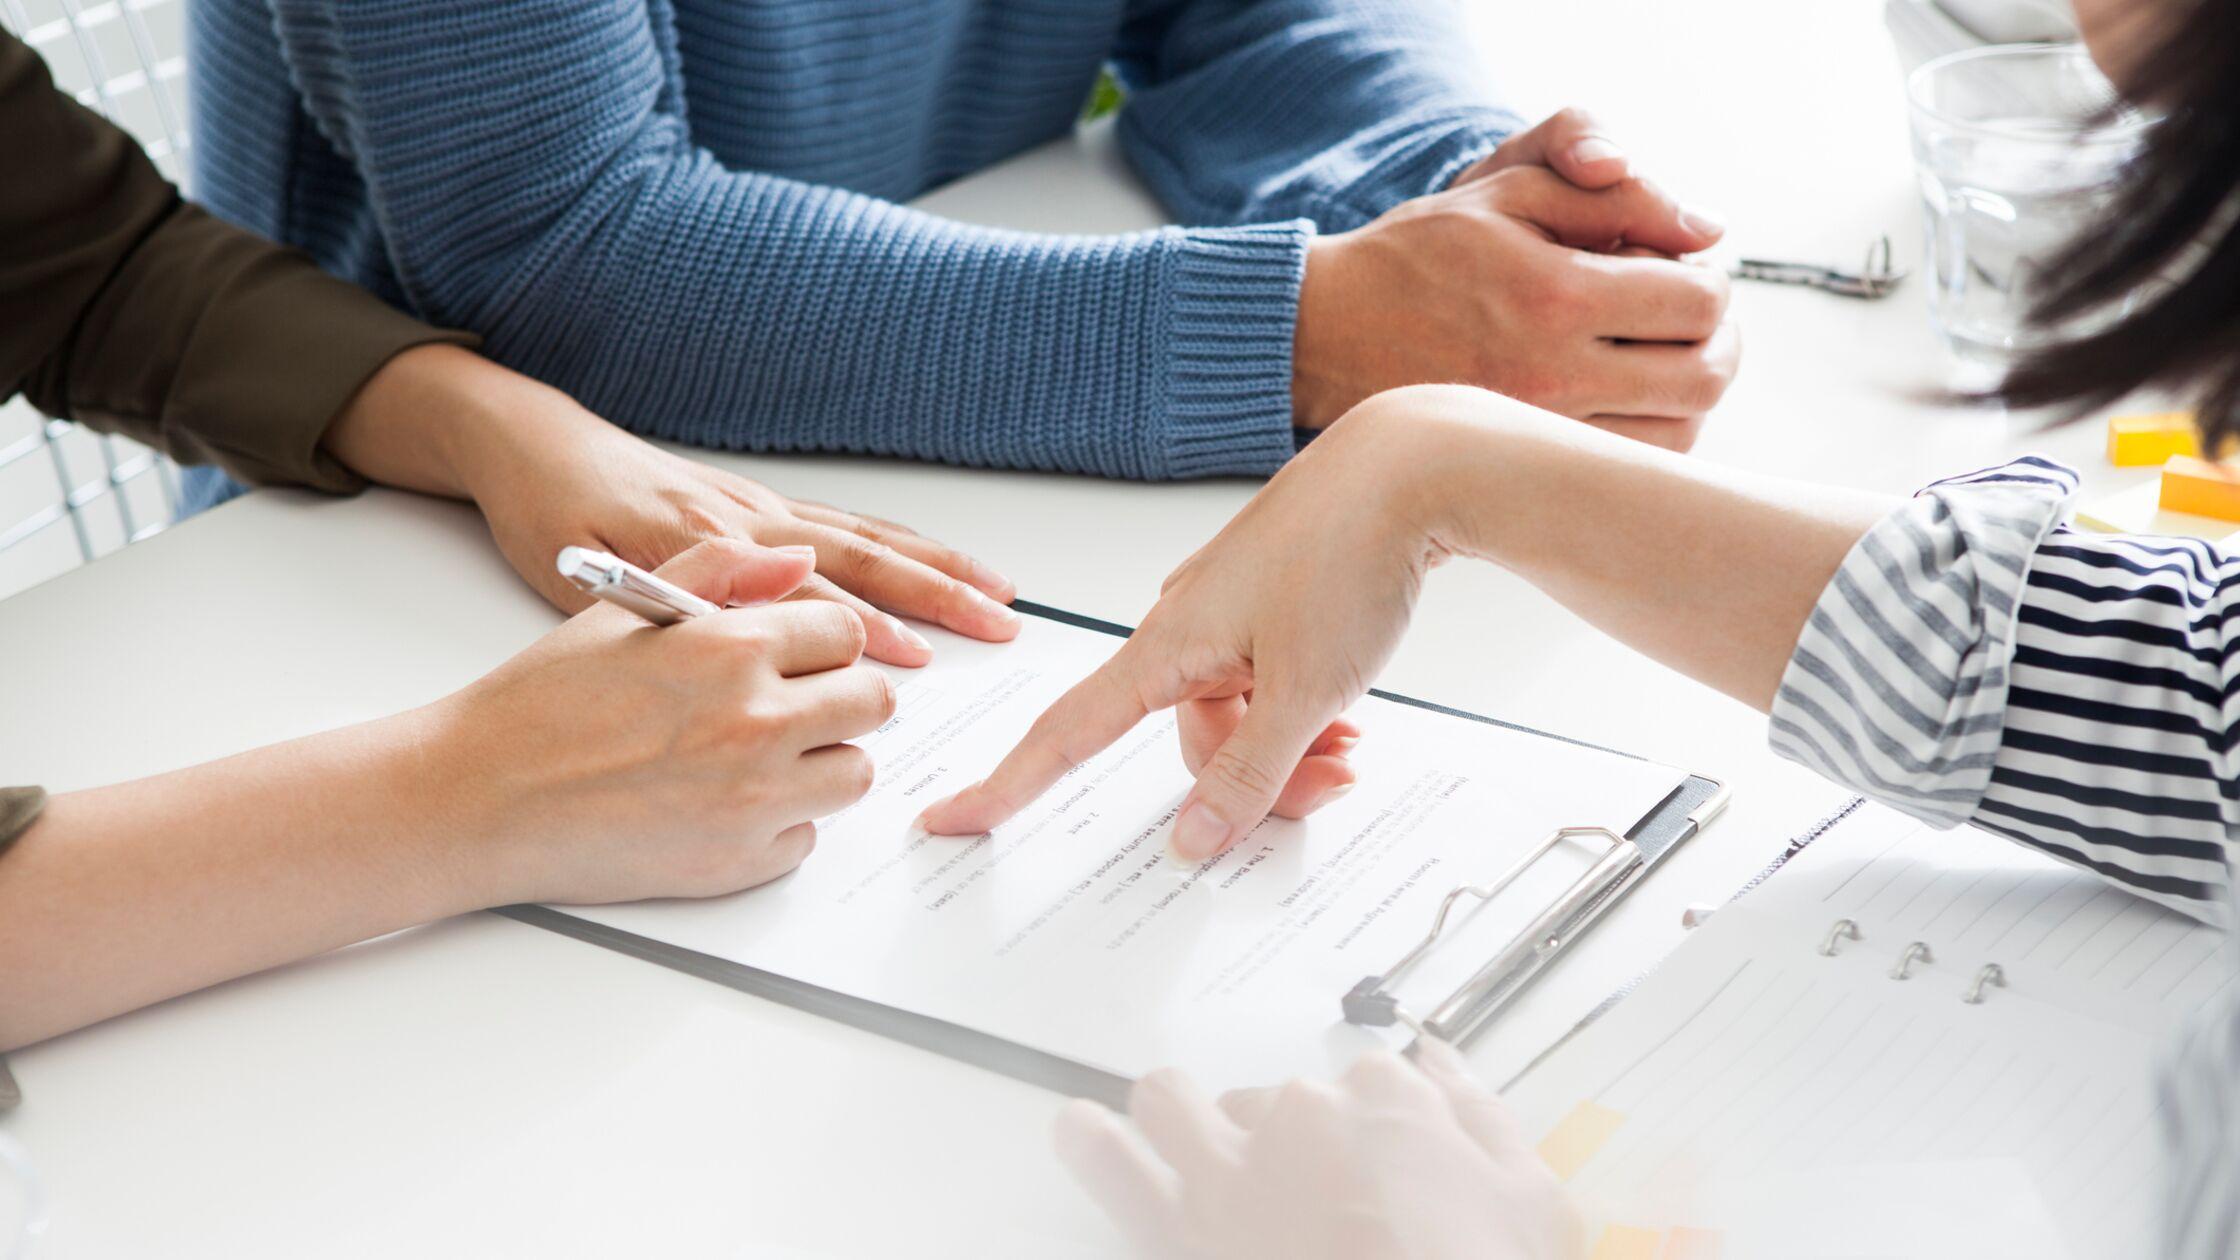 Nahaufnahme von Händen, die ein Dokument unterschreiben